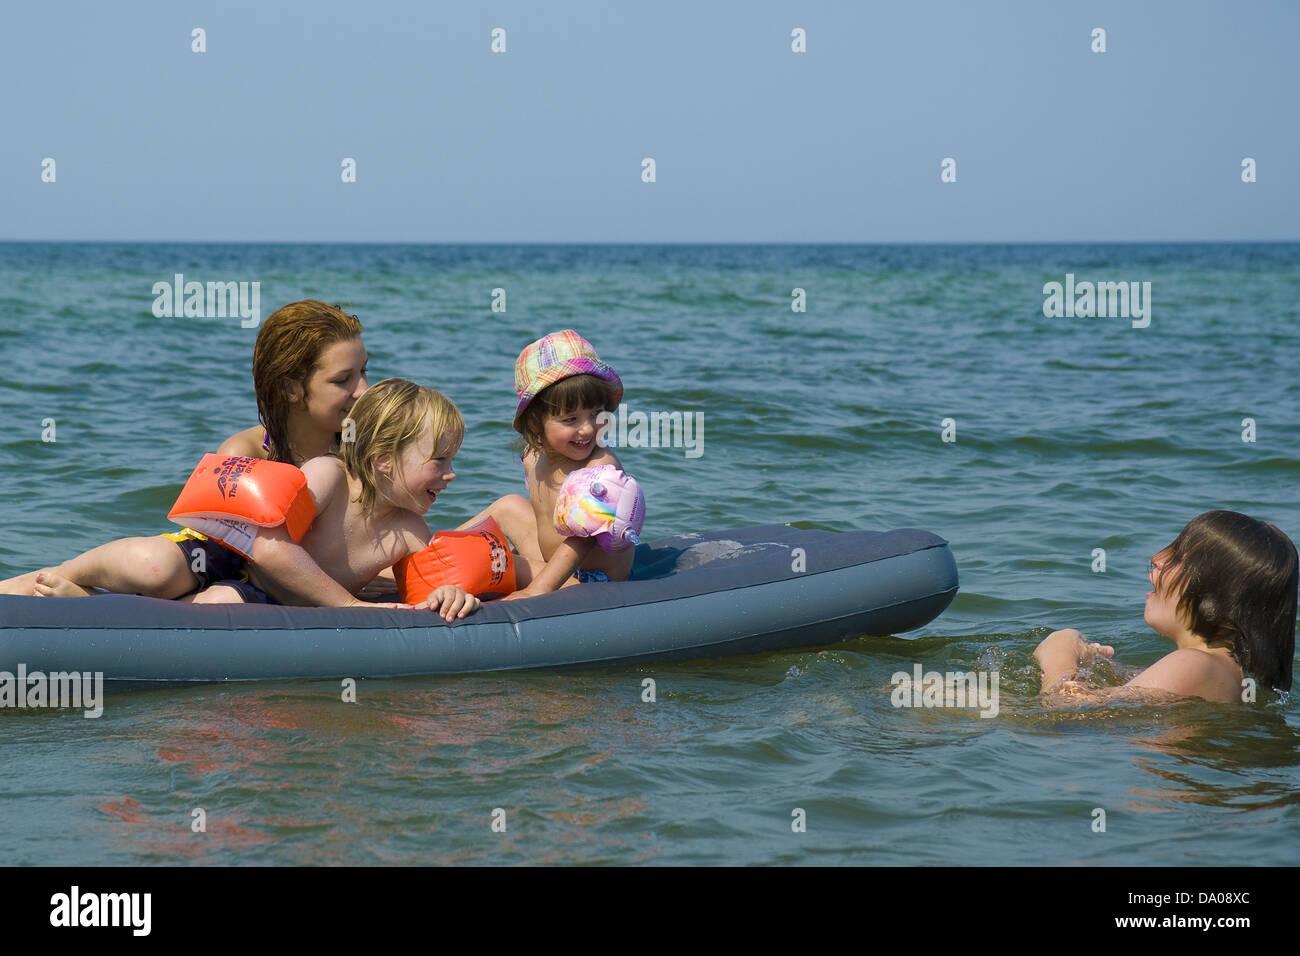 Fröhliche Kinder spielen auf einer Luftmatratze in der Ostsee Stockfoto